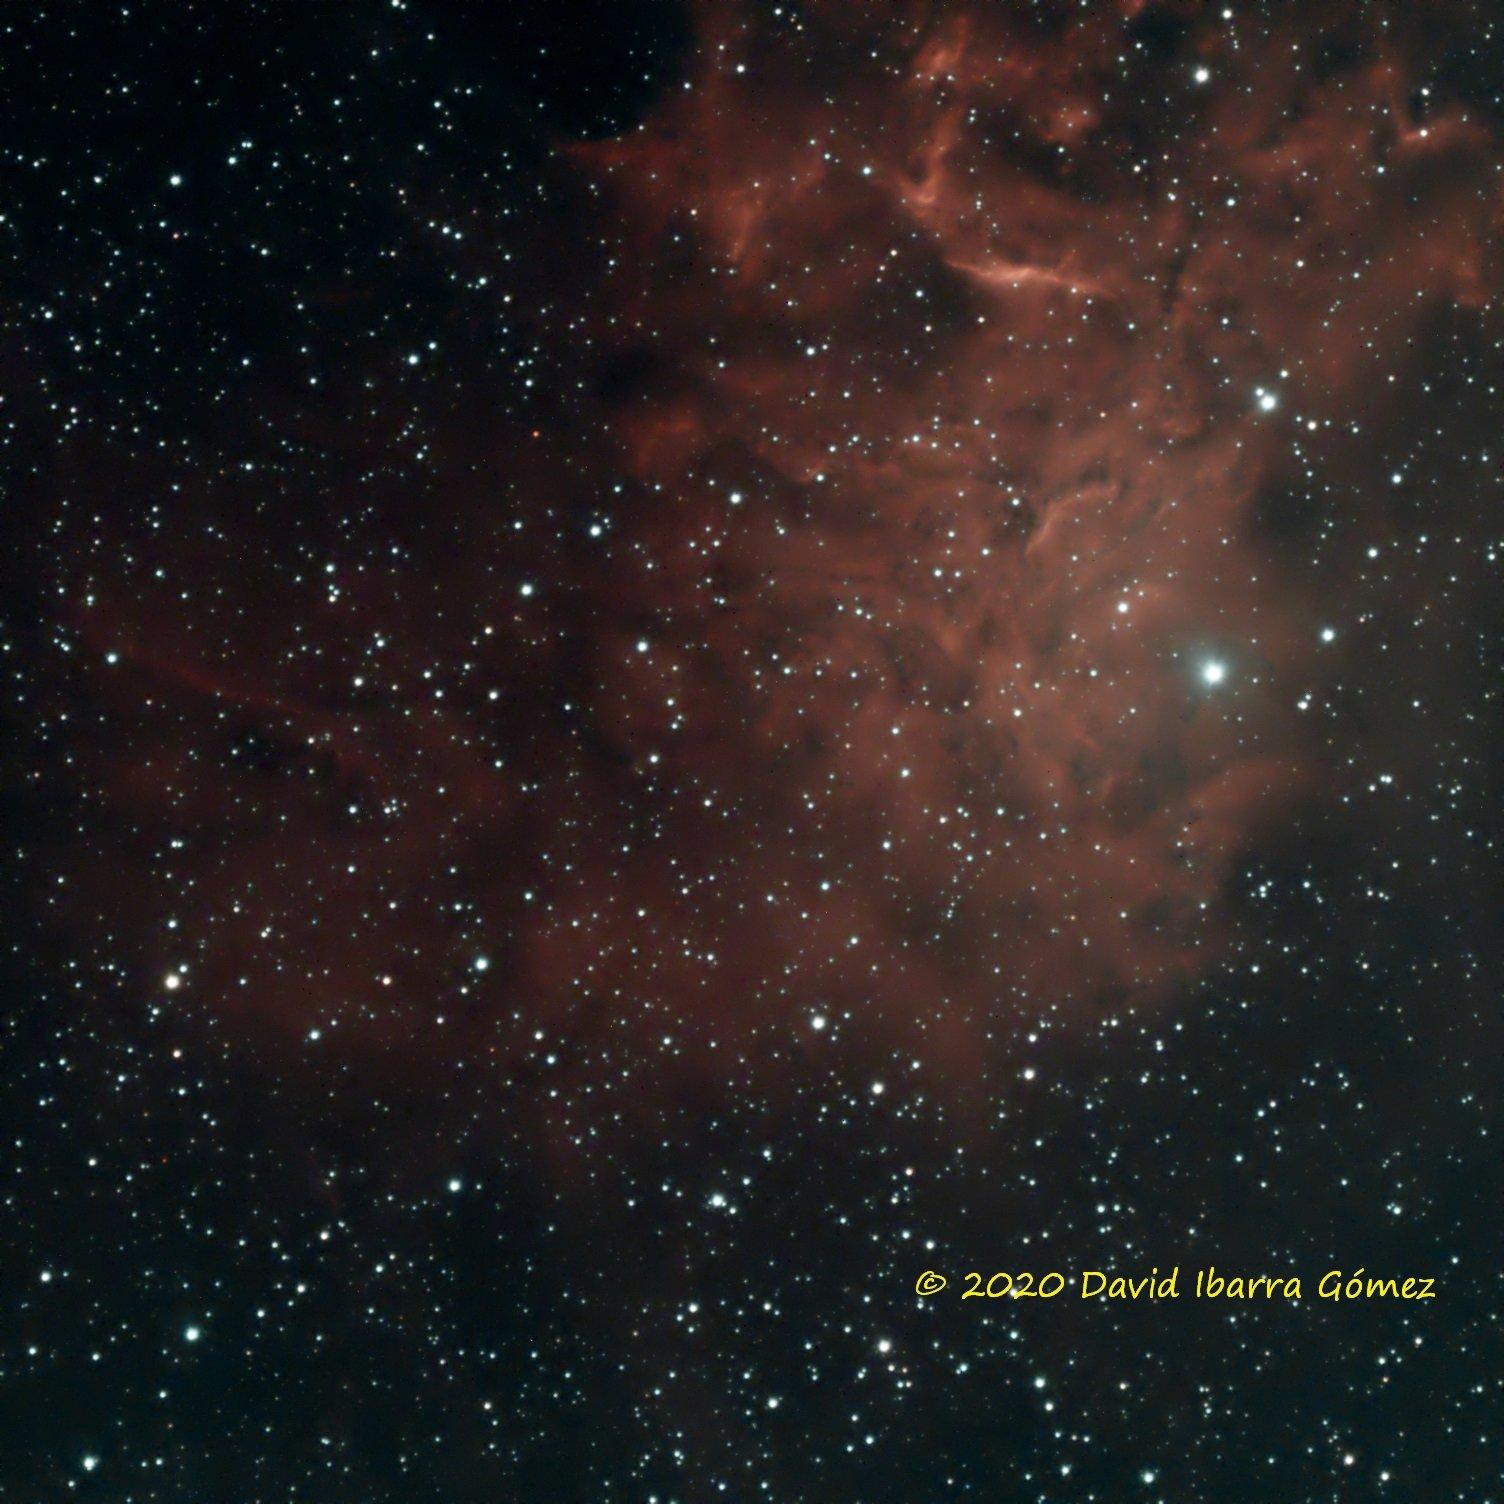 Flaming Star - David Ibarra